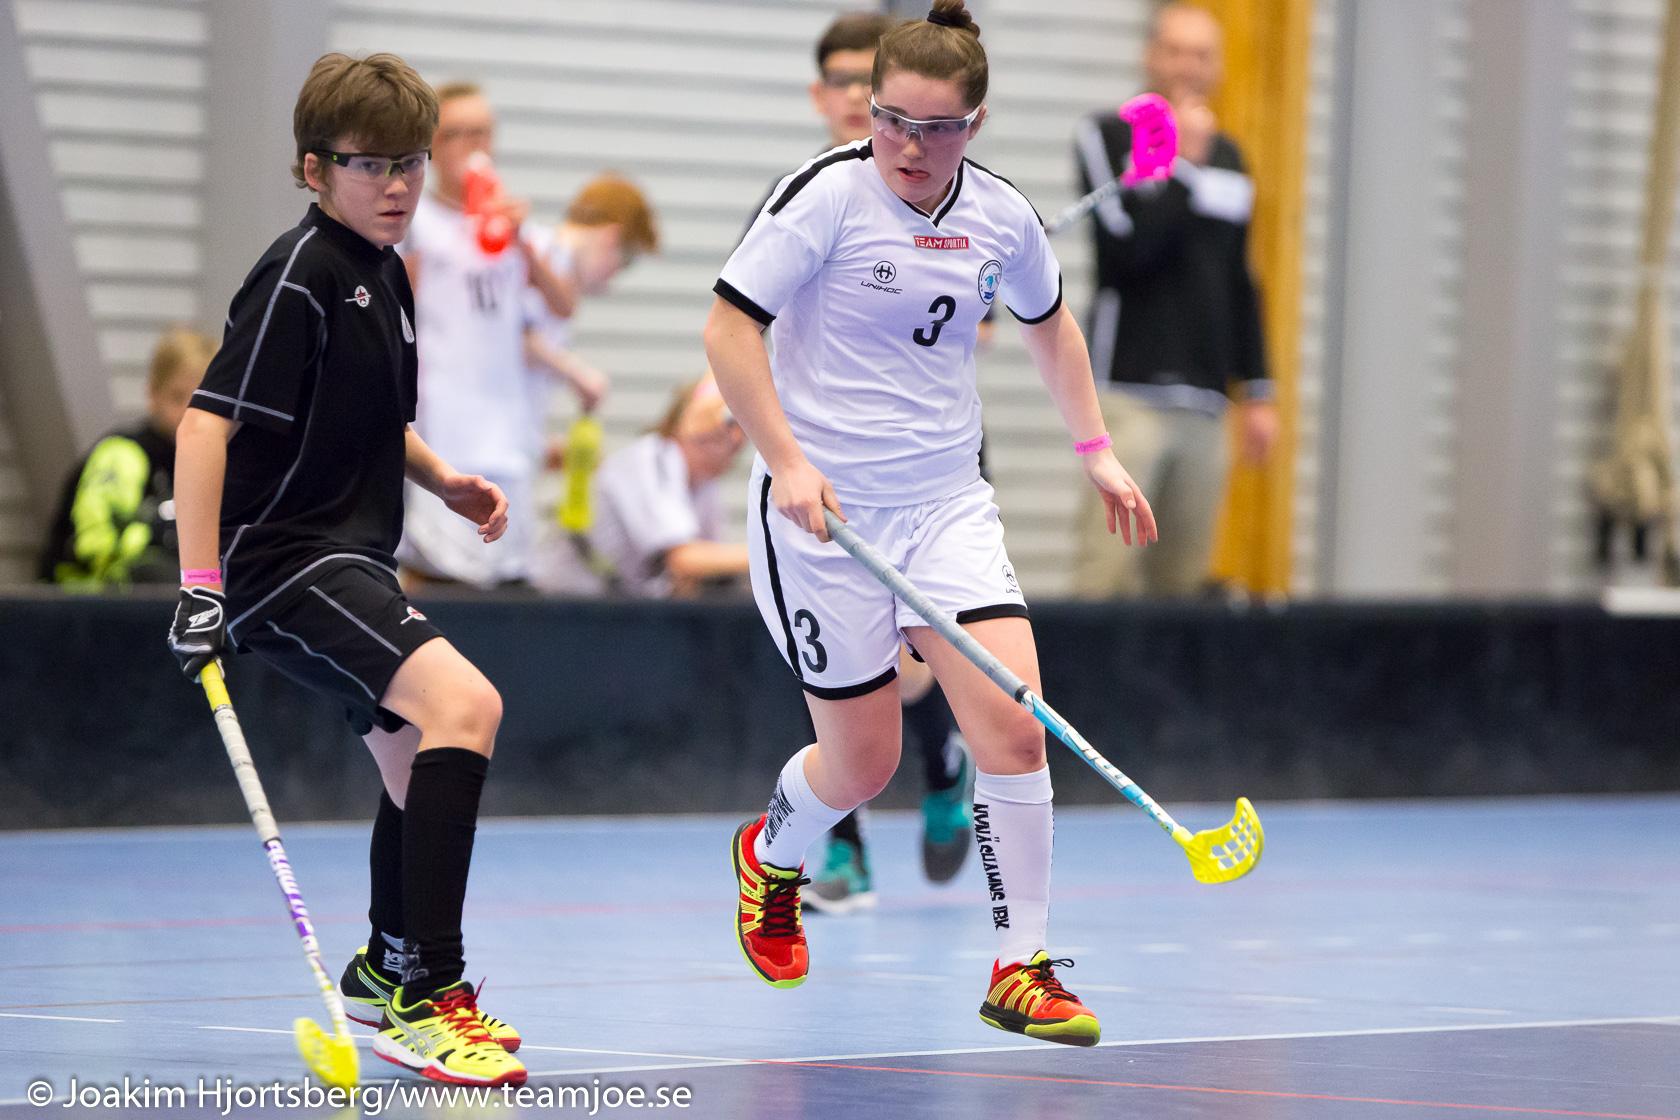 20160409_2023-3 Örebrocupen